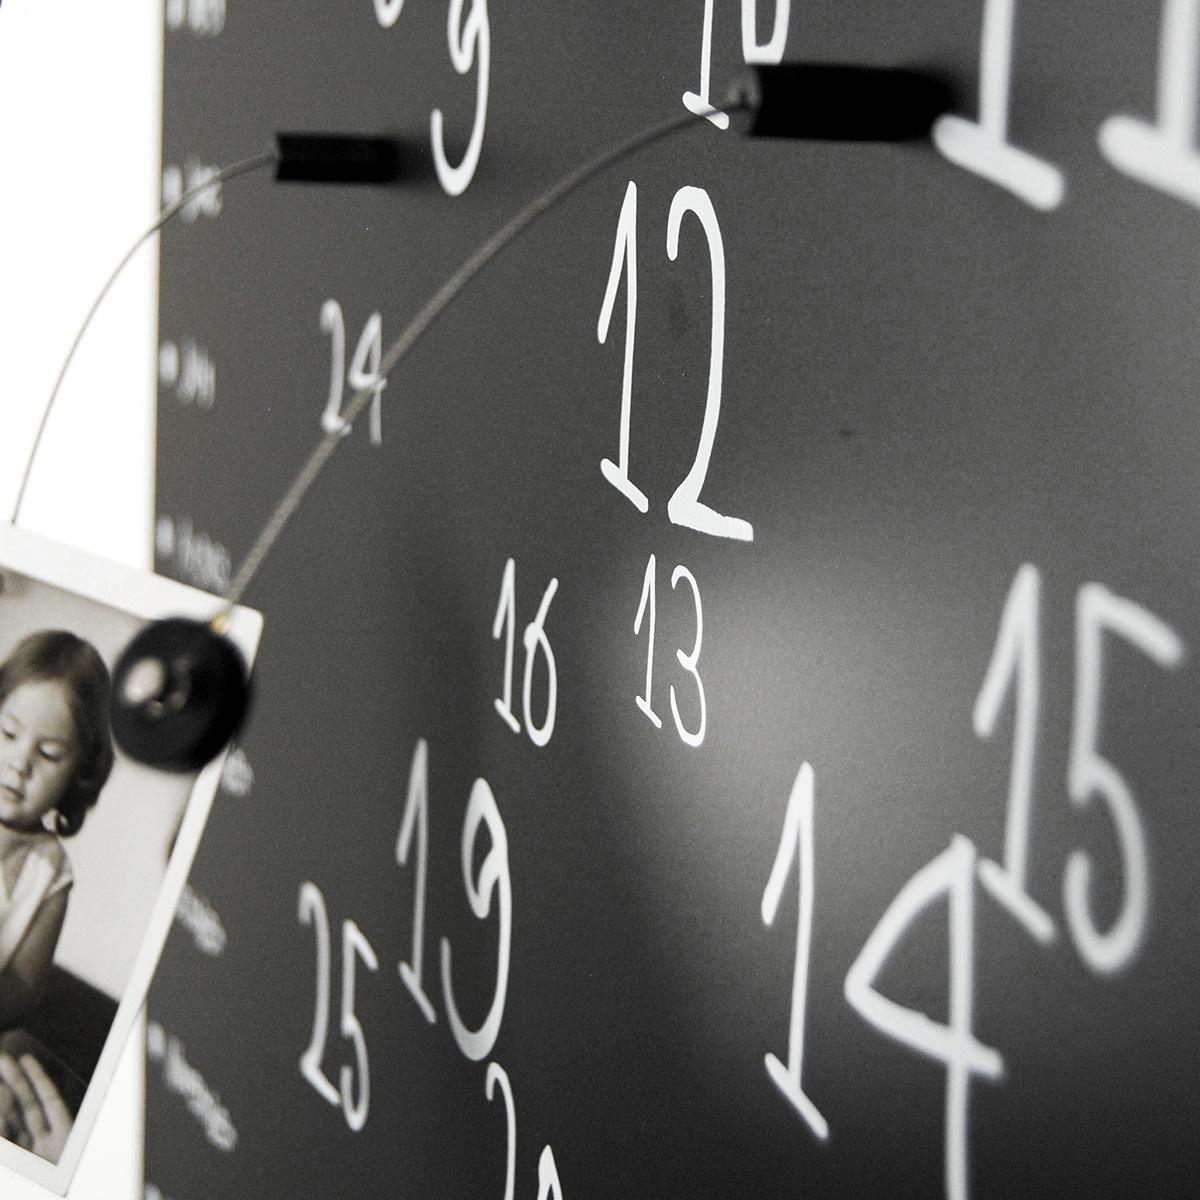 calendario-perpetuo-lavagna-magnetica-magnetic-board-perpetual-calendar-detail-kro1